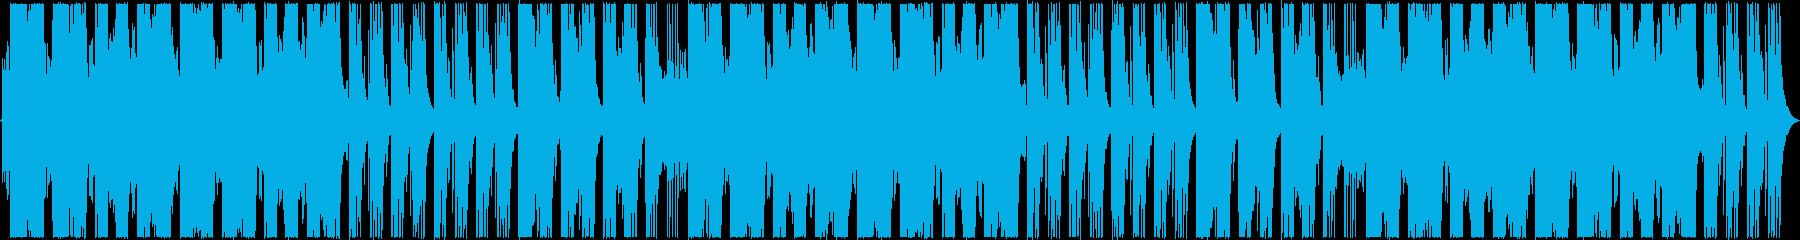 【和風】尺八と三味線の重厚なBGMの再生済みの波形